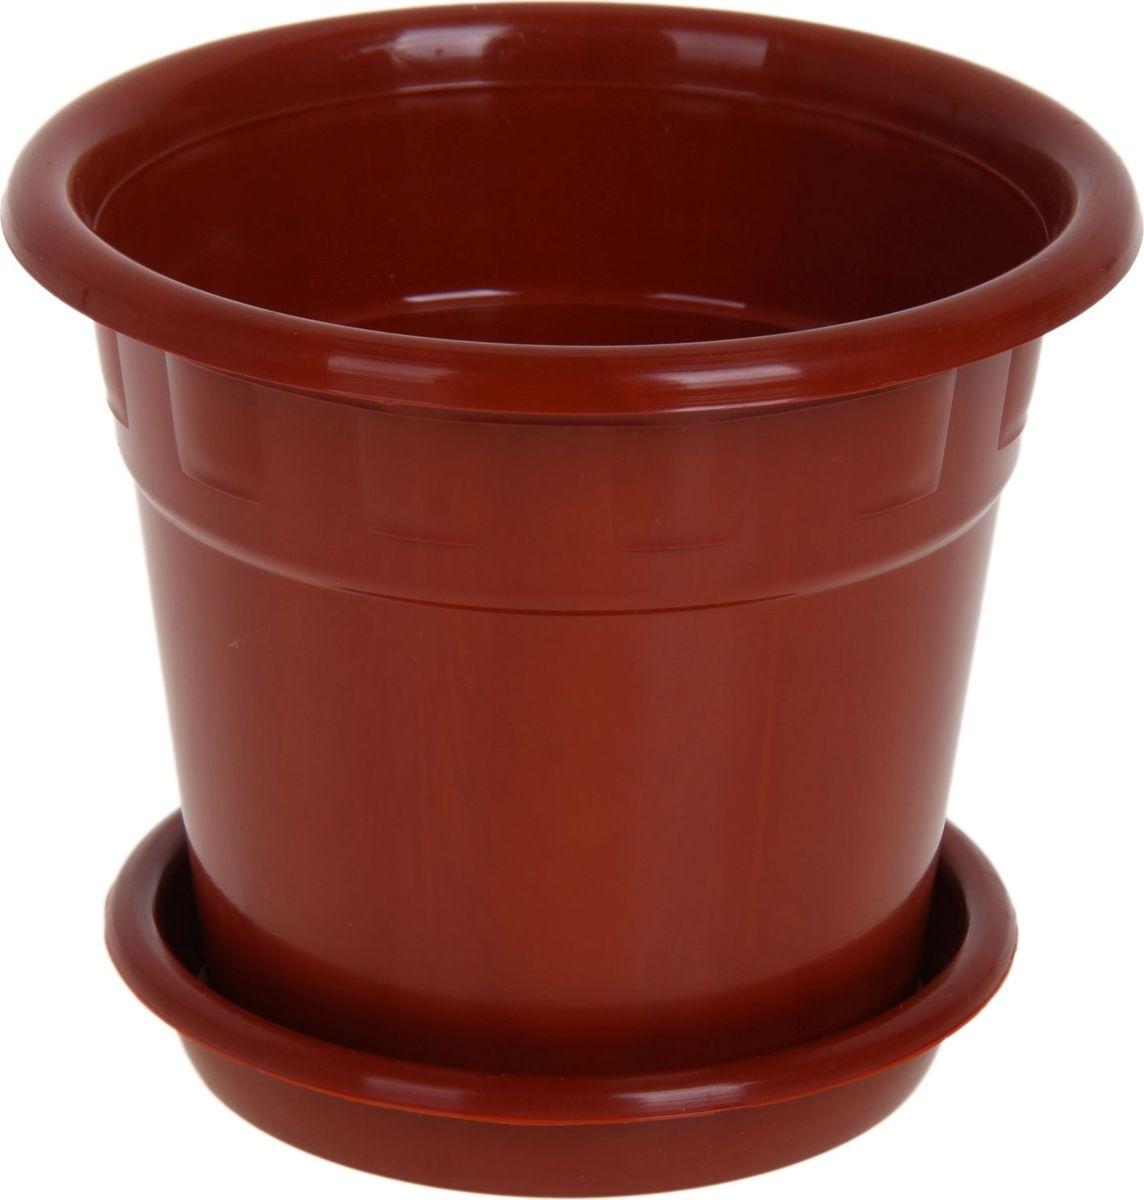 Горшок для цветов Пластик, с поддоном, цвет: коричневый, 1 л1178566Горшок для цветов Пластик обладает малым весом и высокой прочностью. С лёгкостью переносите горшки и кашпо с места на место, ставьте их на столики или полки, подвешивайте под потолок, не беспокоясь о нагрузке. Пластиковые изделия не нуждаются в специальных условиях хранения. Их легко чистить - достаточно просто сполоснуть тёплой водой. Пластиковые кашпо не царапают и не загрязняют поверхности, на которых стоят. Пластик дольше хранит влагу, а значит растение реже нуждается в поливе.Пластмасса не пропускает воздух, а значит, корневой системе растения не грозят резкие перепады температур. Соблюдая нехитрые правила ухода, вы можете заметно продлить срок службы горшков, вазонов и кашпо из пластика:- всегда учитывайте размер кроны и корневой системы растения (при разрастании большое растение способно повредить маленький горшок). - берегите изделие от воздействия прямых солнечных лучей, чтобы кашпо и горшки не выцветали. - держите кашпо и горшки из пластика подальше от нагревающихся поверхностей. Любой, даже самый современный и продуманный интерьер будет не завершённым без растений. Они не только очищают воздух и насыщают его кислородом, но и заметно украшают окружающее пространство. Такому полезному члену семьи просто необходимо красивое и функциональное кашпо, оригинальный горшок или необычная ваза!